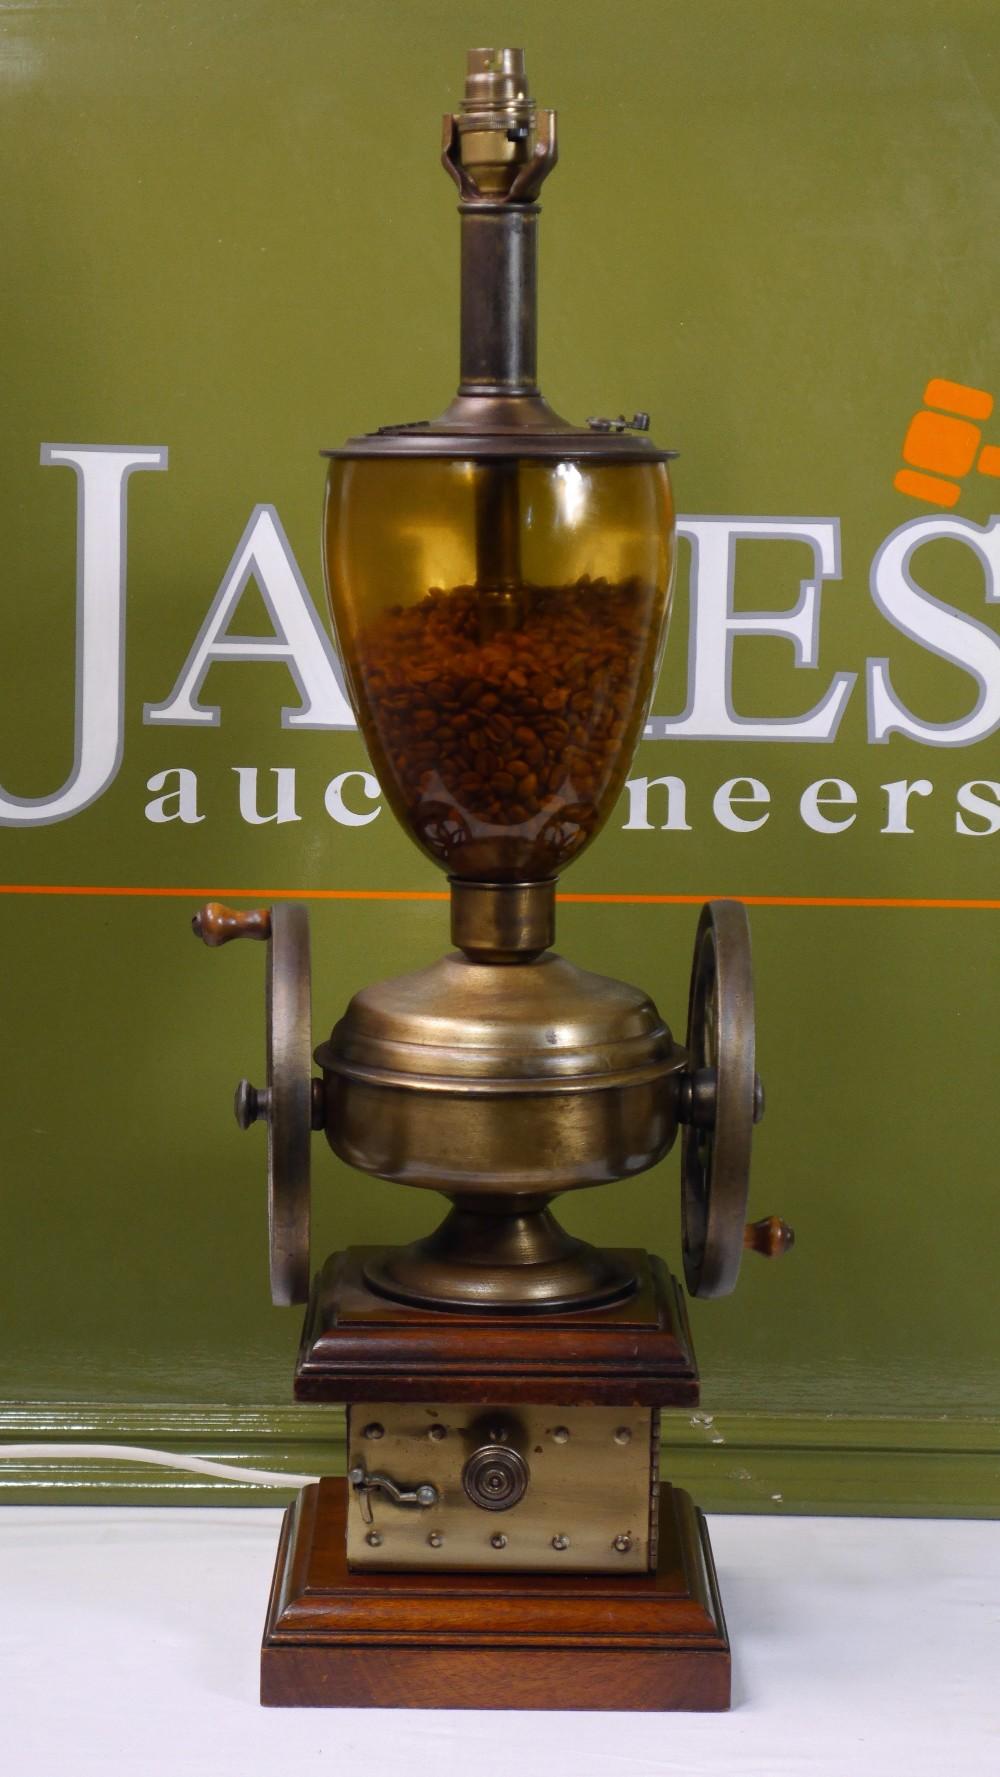 Lot 10 - Vintage Coffee Grinder Table Lamp